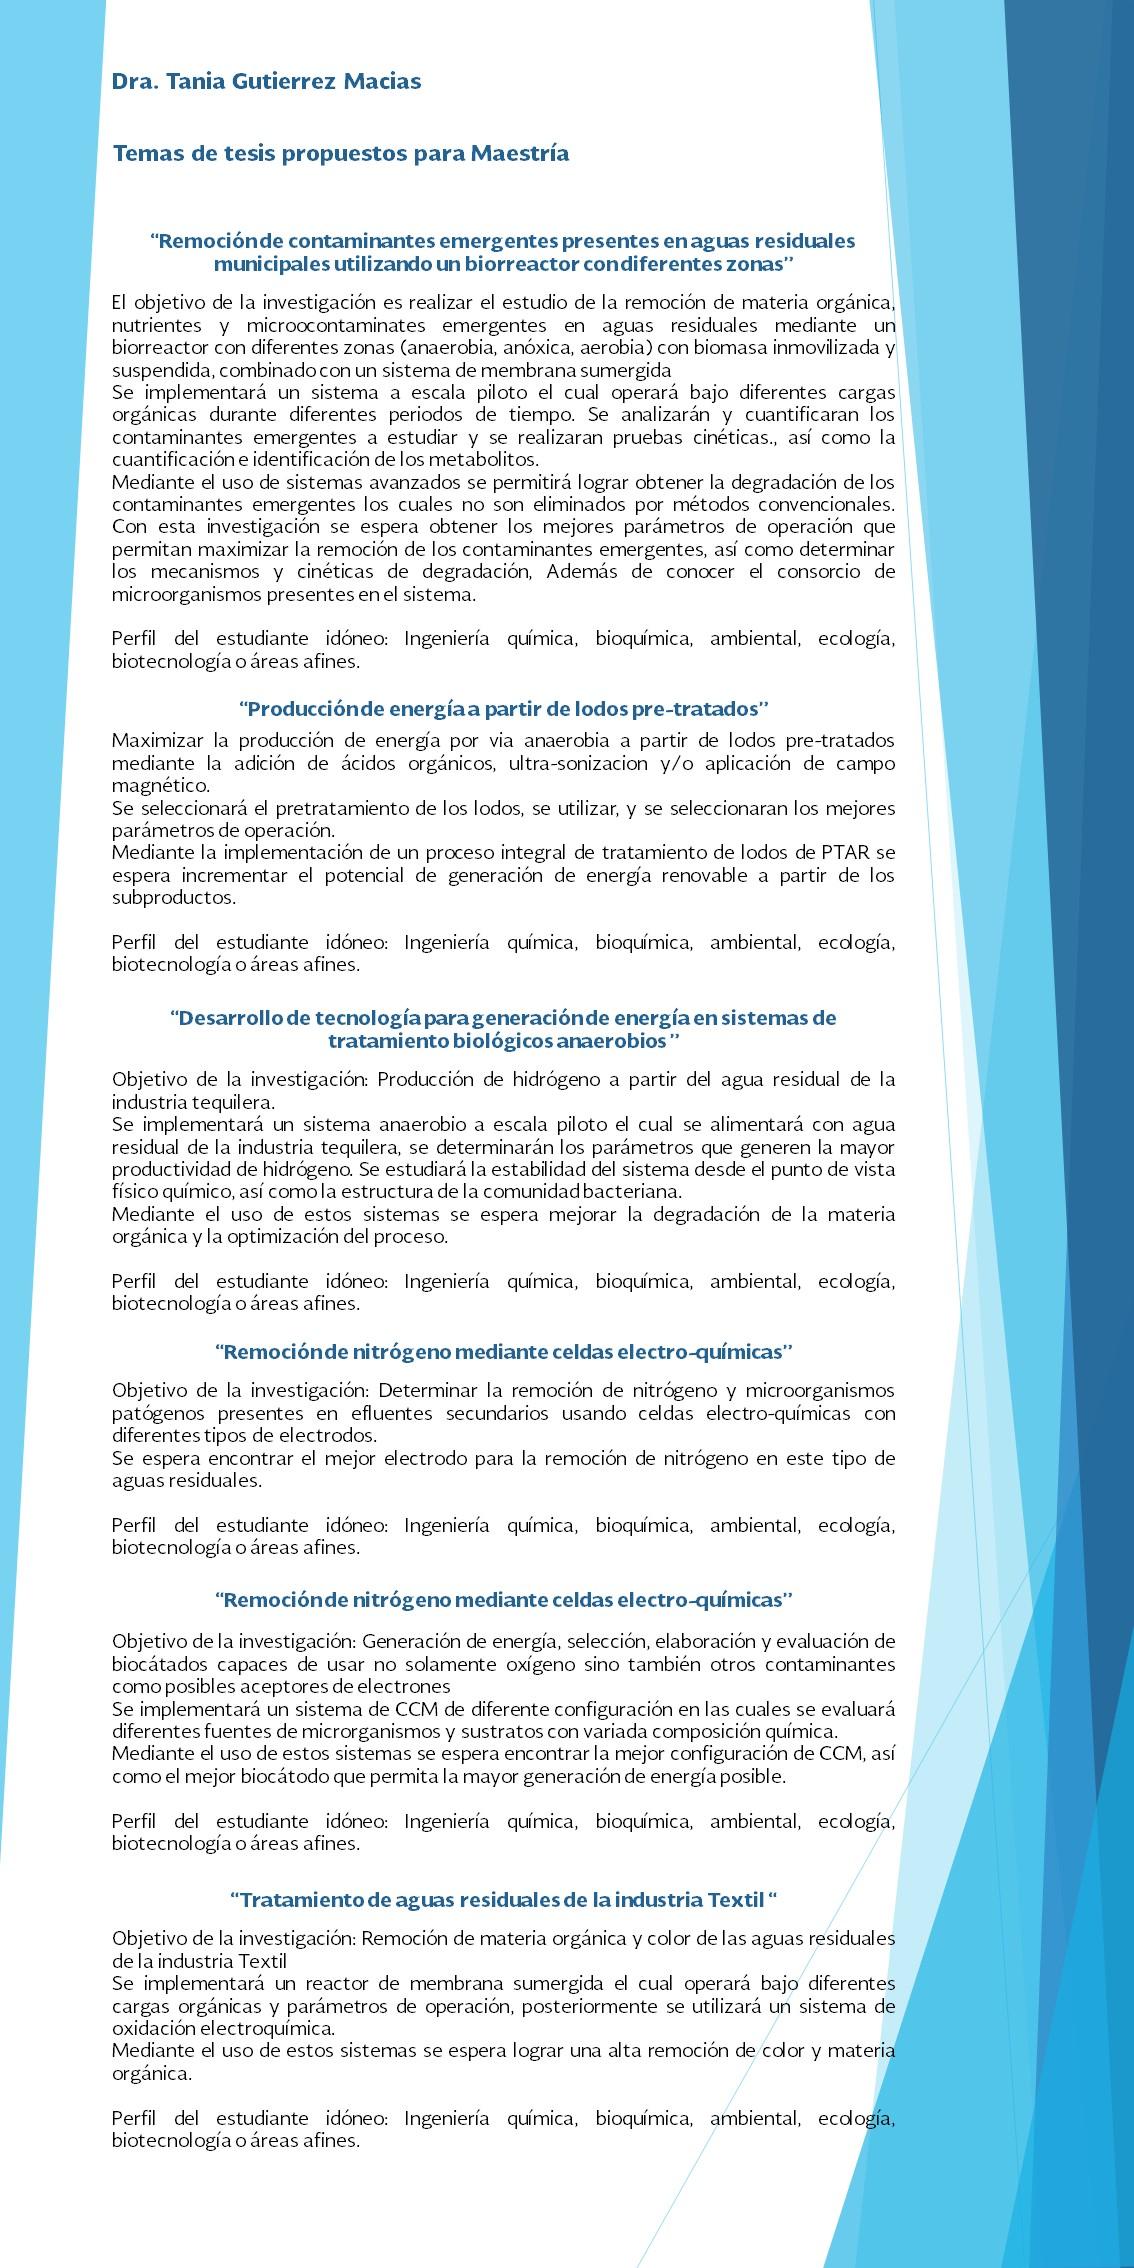 Dorable Reanudar La Ingeniería Química Foto - Colección De ...